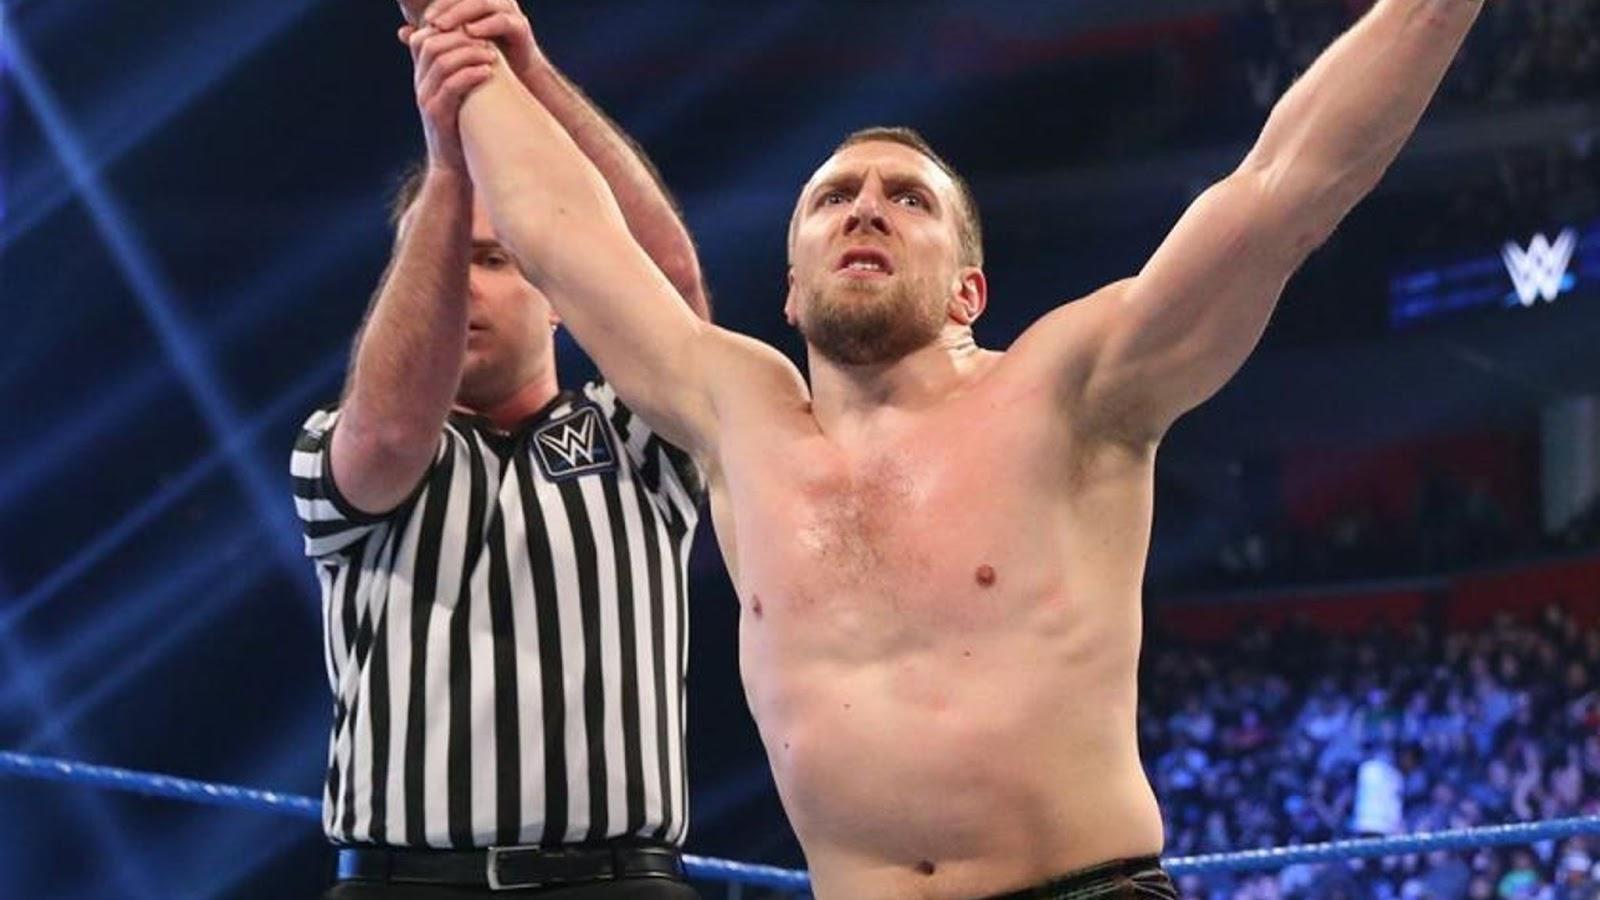 Daniel Bryan deverá seguir afastado da WWE